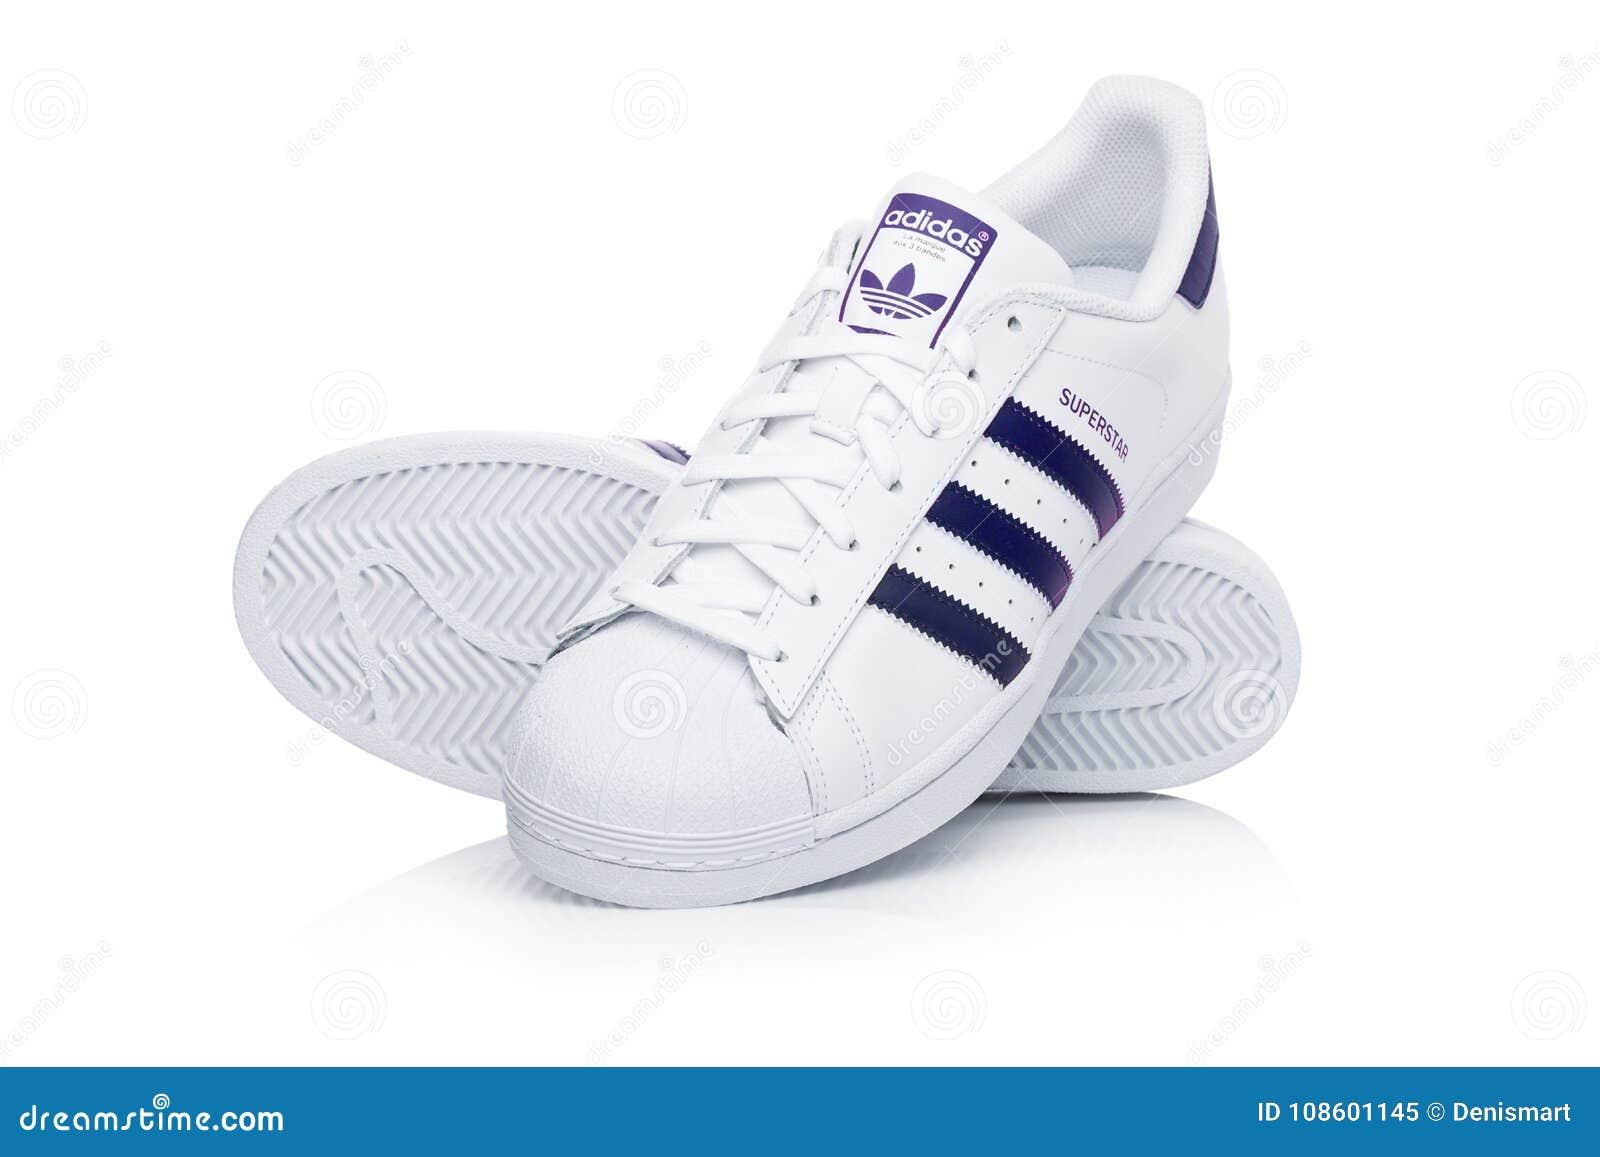 adidas schoenen ontwerpen